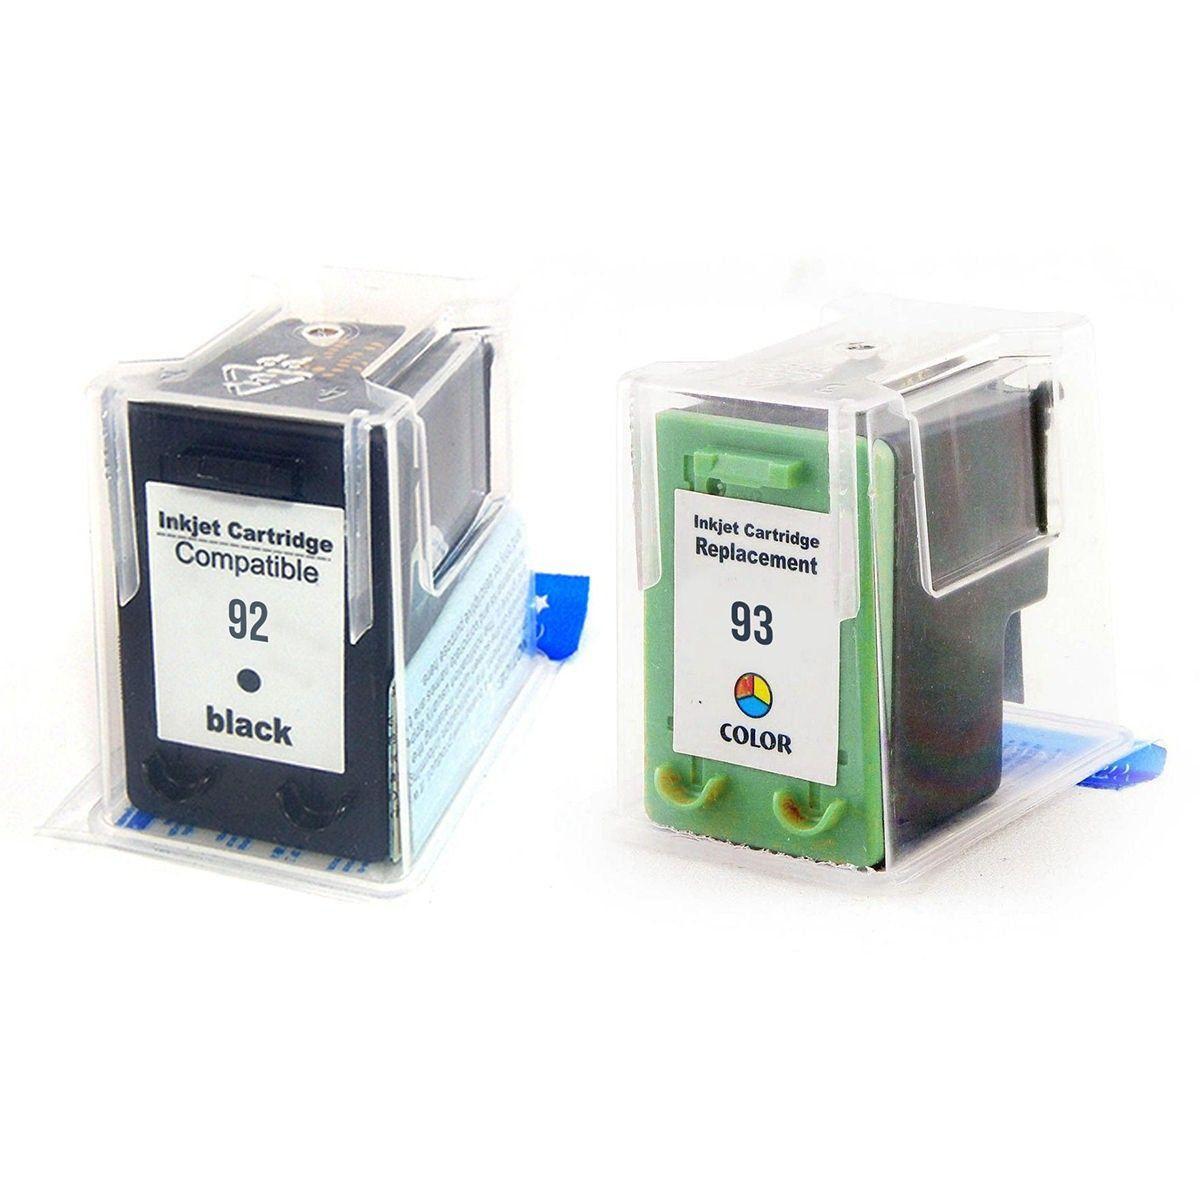 Compatível: Kit Colorido de Cartucho de Tinta 92 e 93 para HP PSC1510 C3180 C3100 D4100 1507 5440 2570 1510 3180